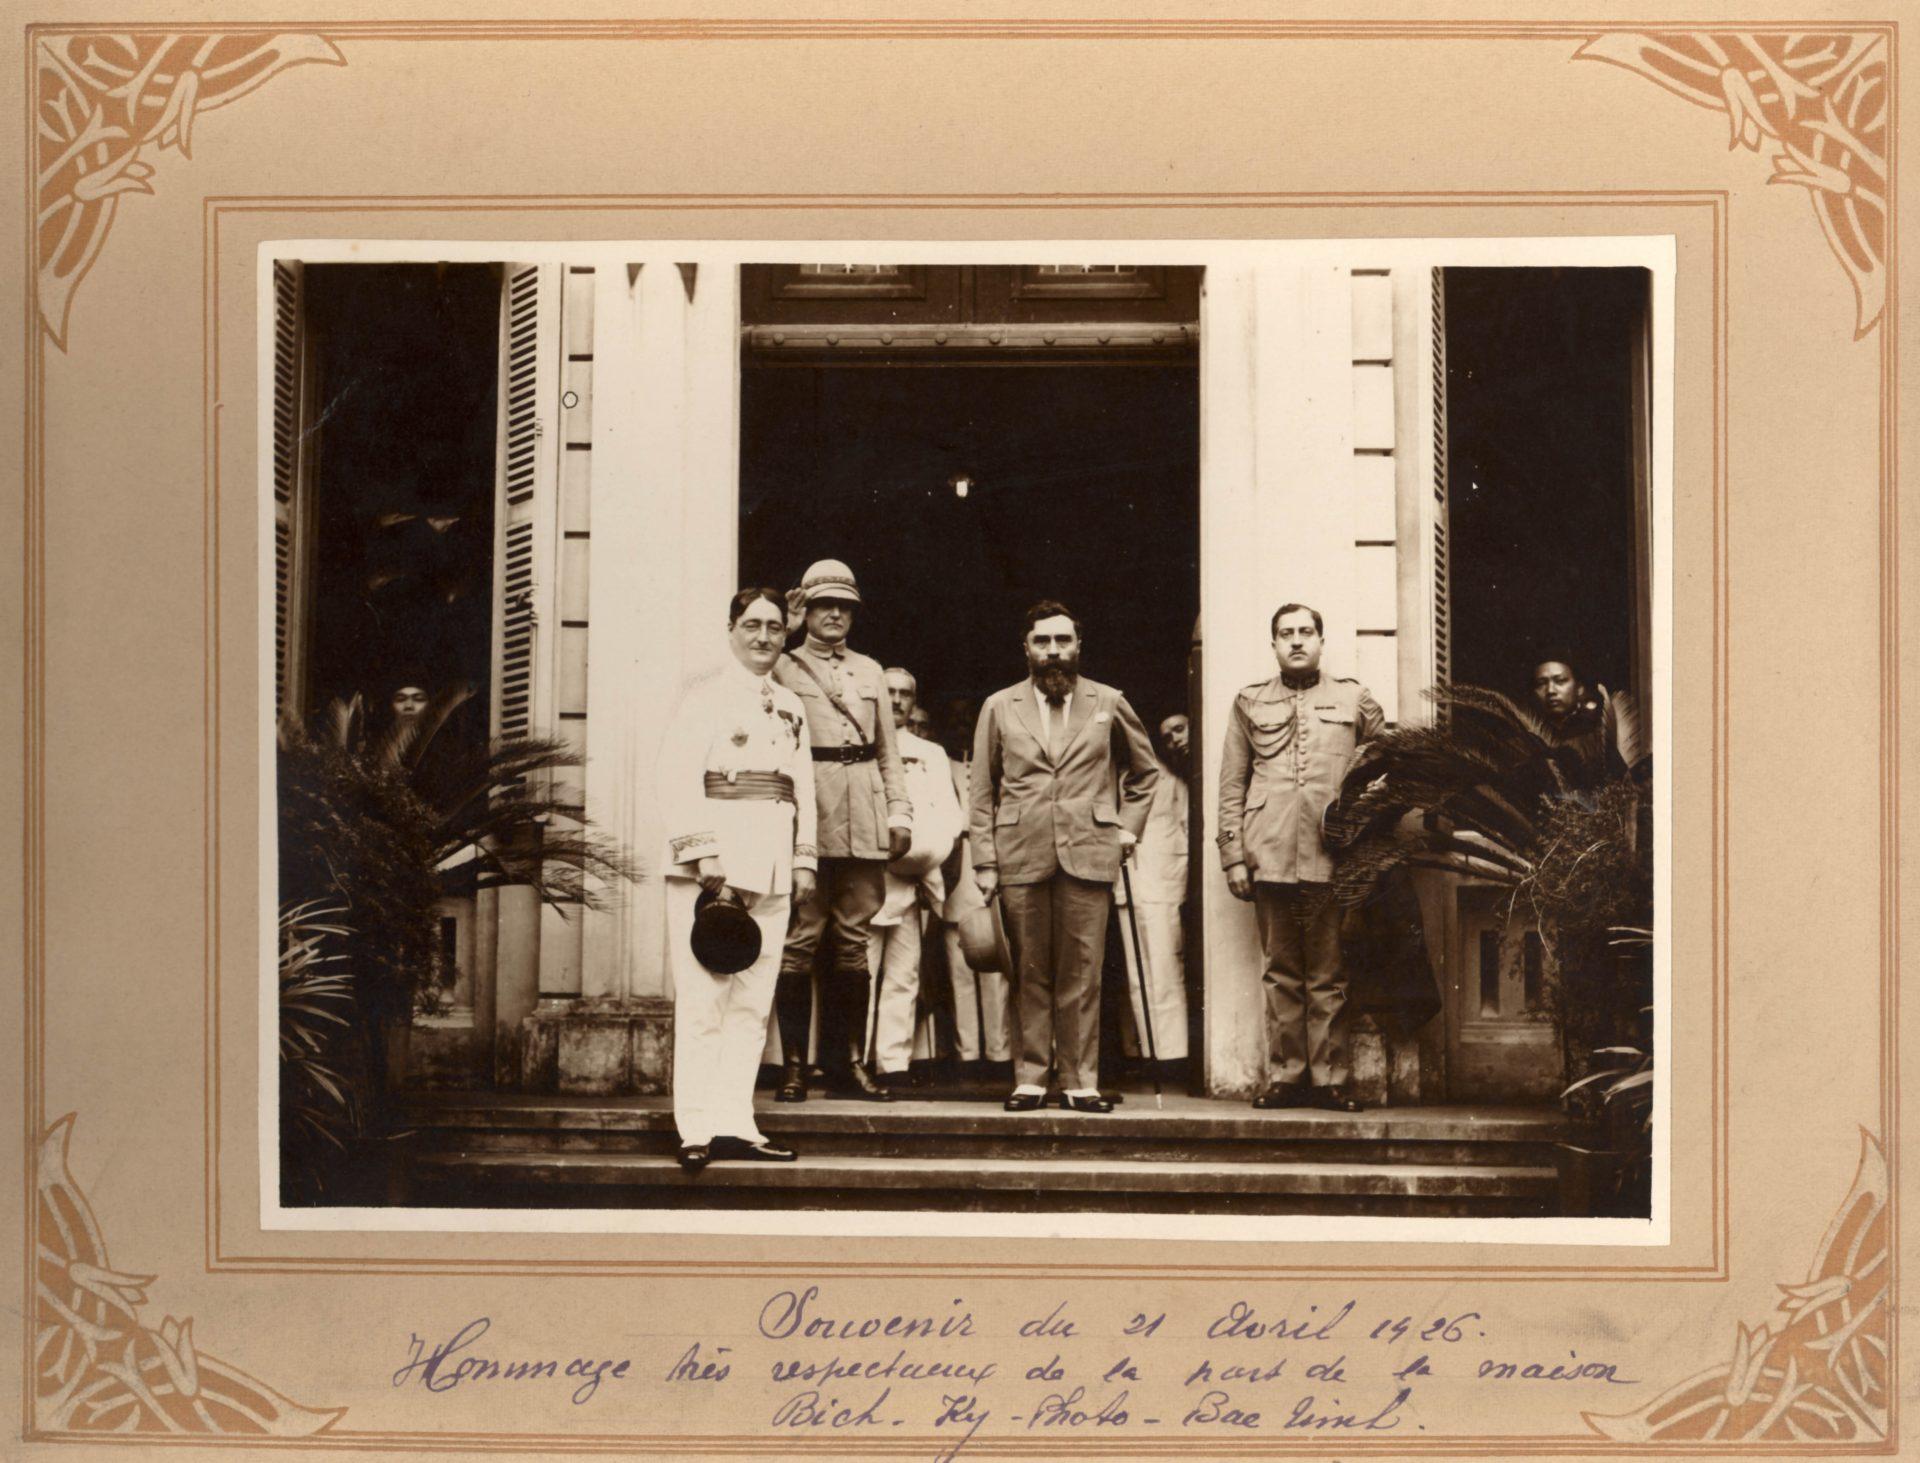 Souvenir du 21 Avril 1926 - Hommage très respectueux de la part part de la maison Bich Ky Photo